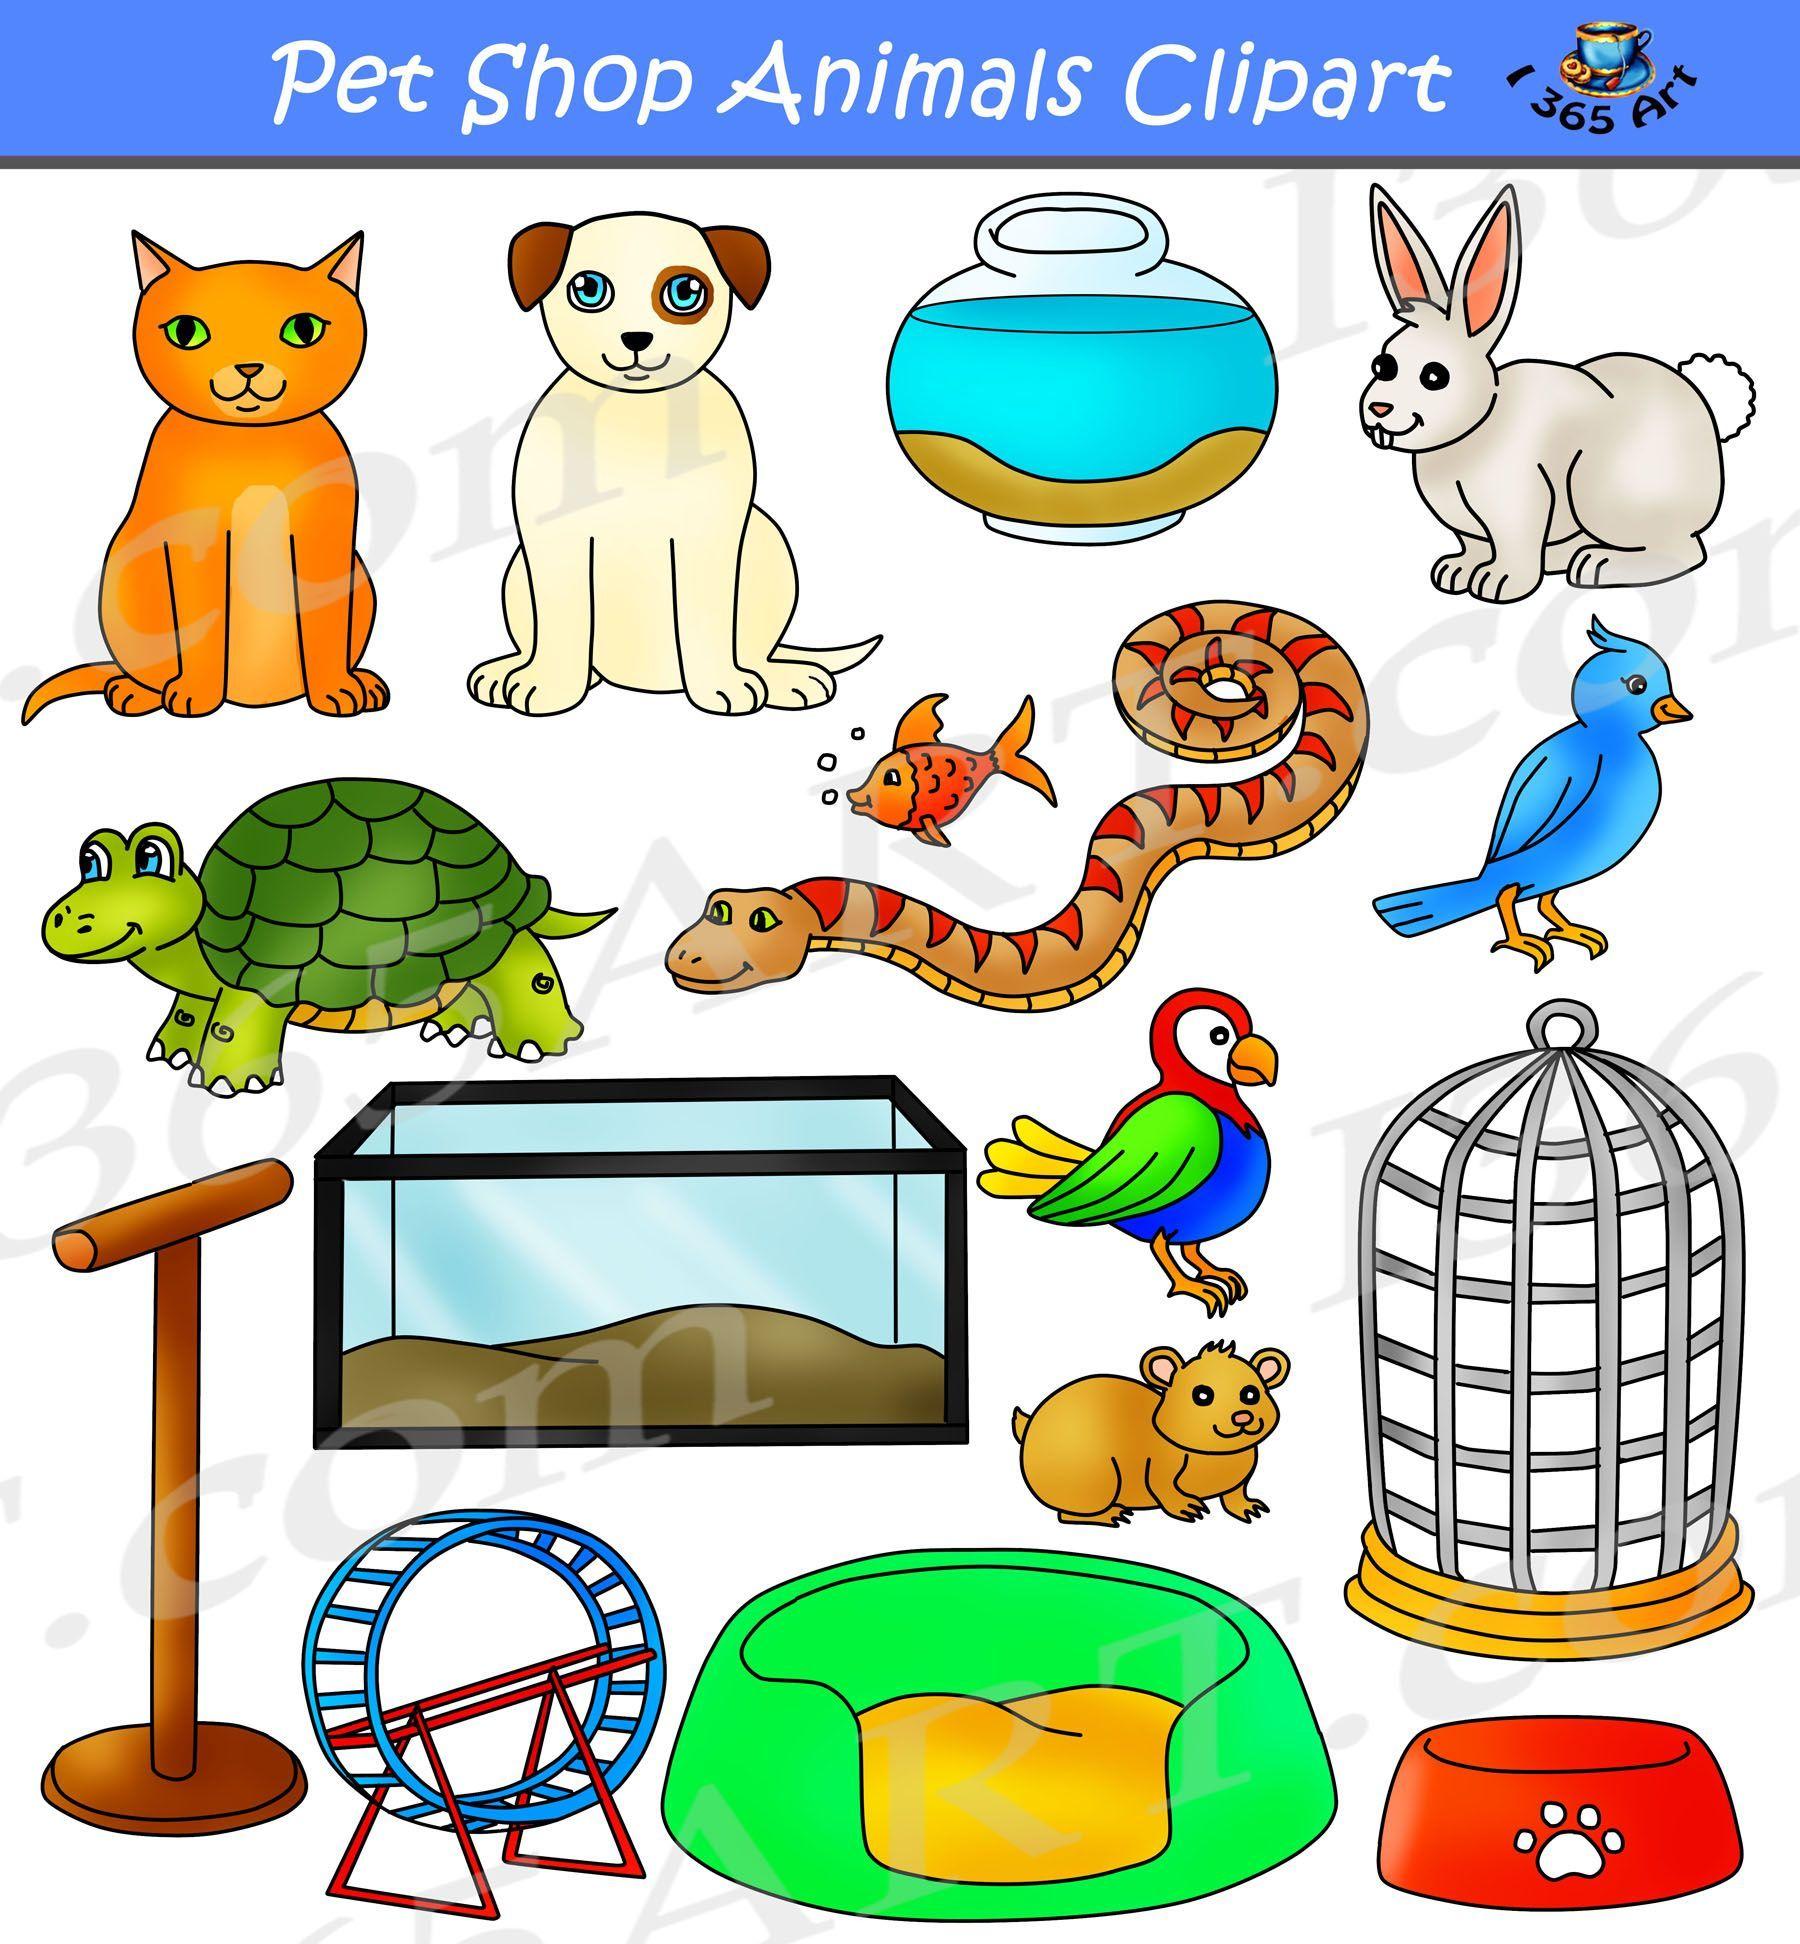 Pet Shop Animals Clipart Digital Graphics Set Graphics By Clipart 4 School Https Clipart4school Com Product Pet Shop Anim Pet Shop Animal Clipart Pets